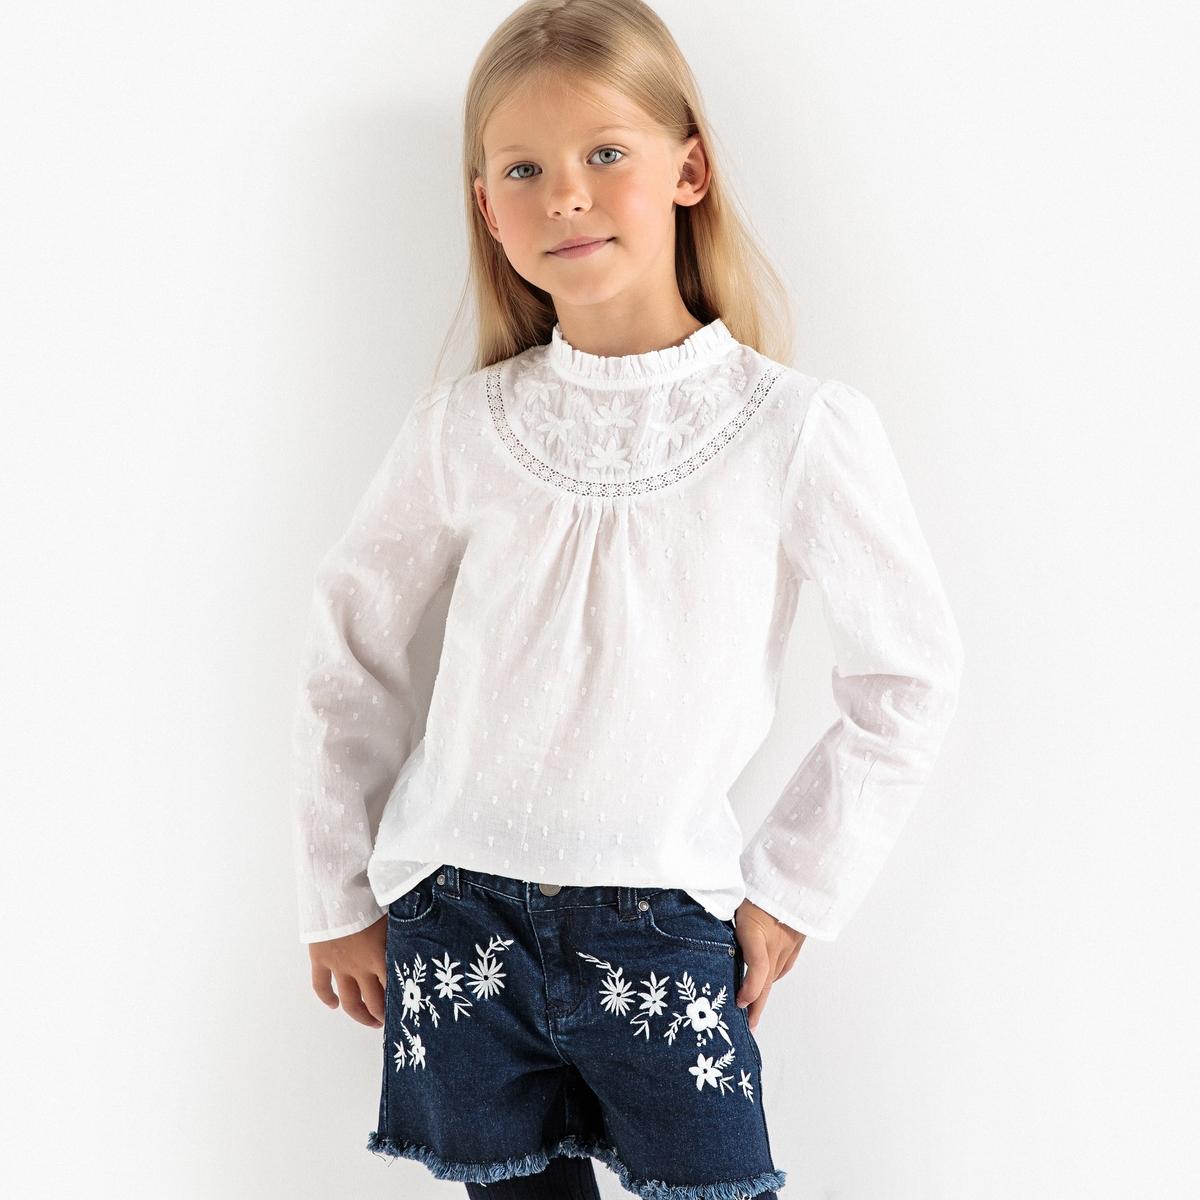 Блузка из расшитой гладью ткани с вышивкой, 3-12 лет джинсы скинни с вышивкой 3 12 лет